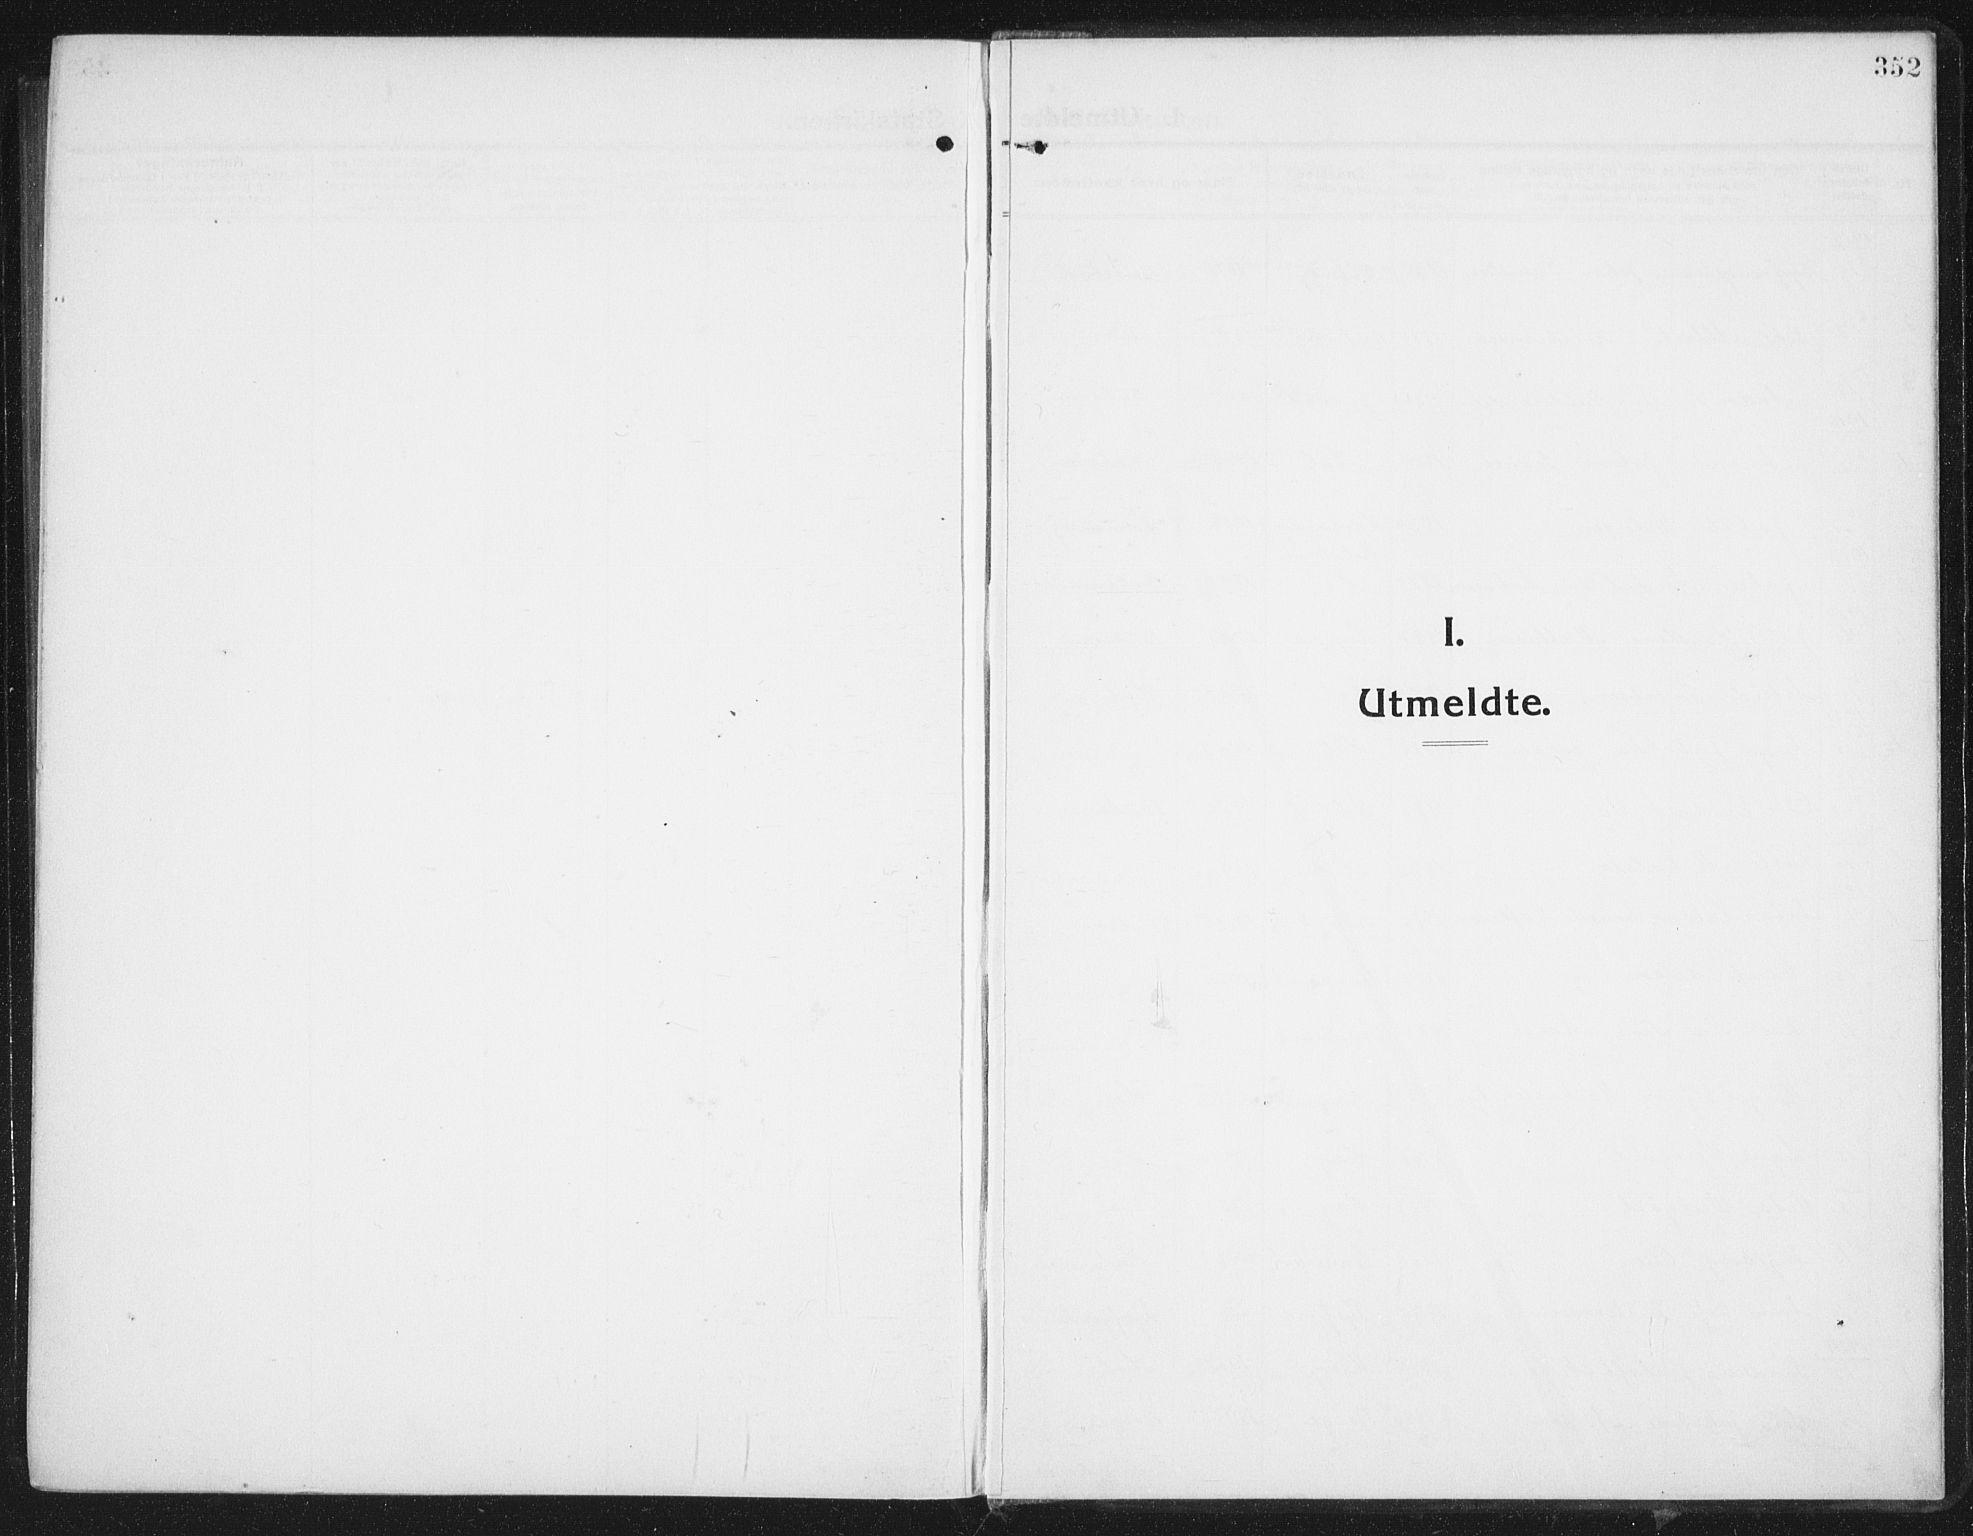 SAT, Ministerialprotokoller, klokkerbøker og fødselsregistre - Nordland, 882/L1183: Parish register (copy) no. 882C01, 1911-1938, p. 352